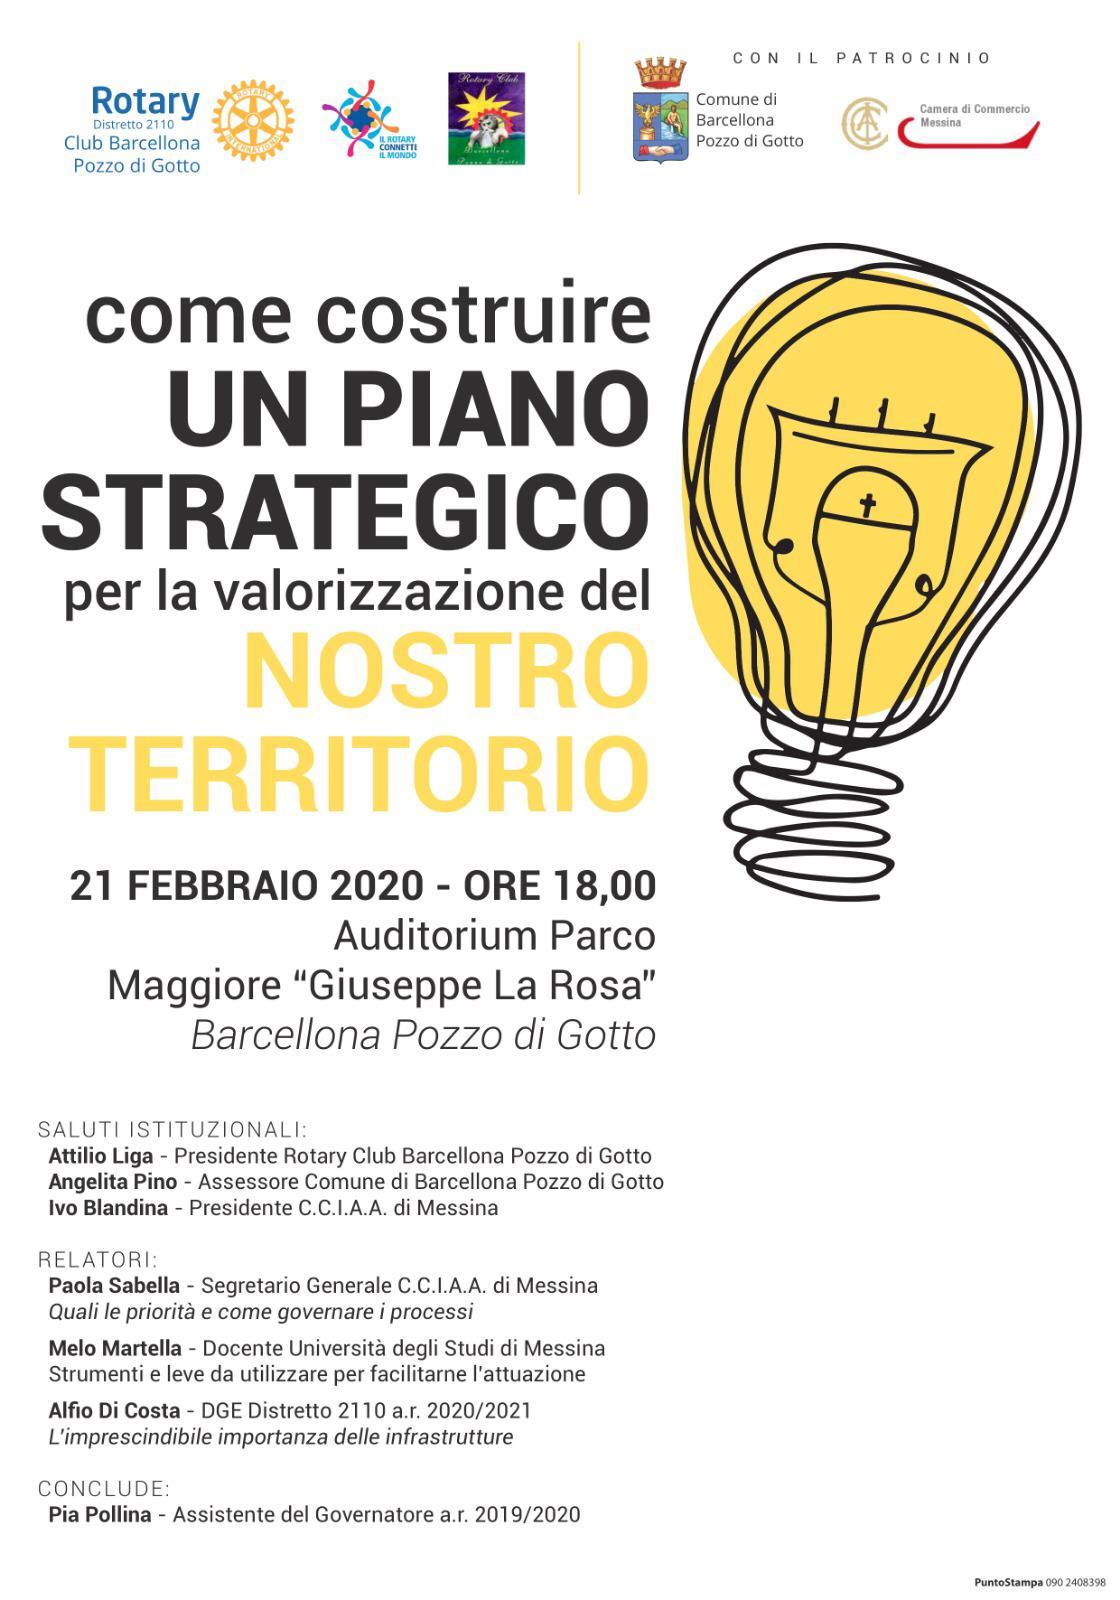 """Barcellona PG. Convegno Rotary Club all'Auditorium del Parco """"Maggiore La Rosa"""""""